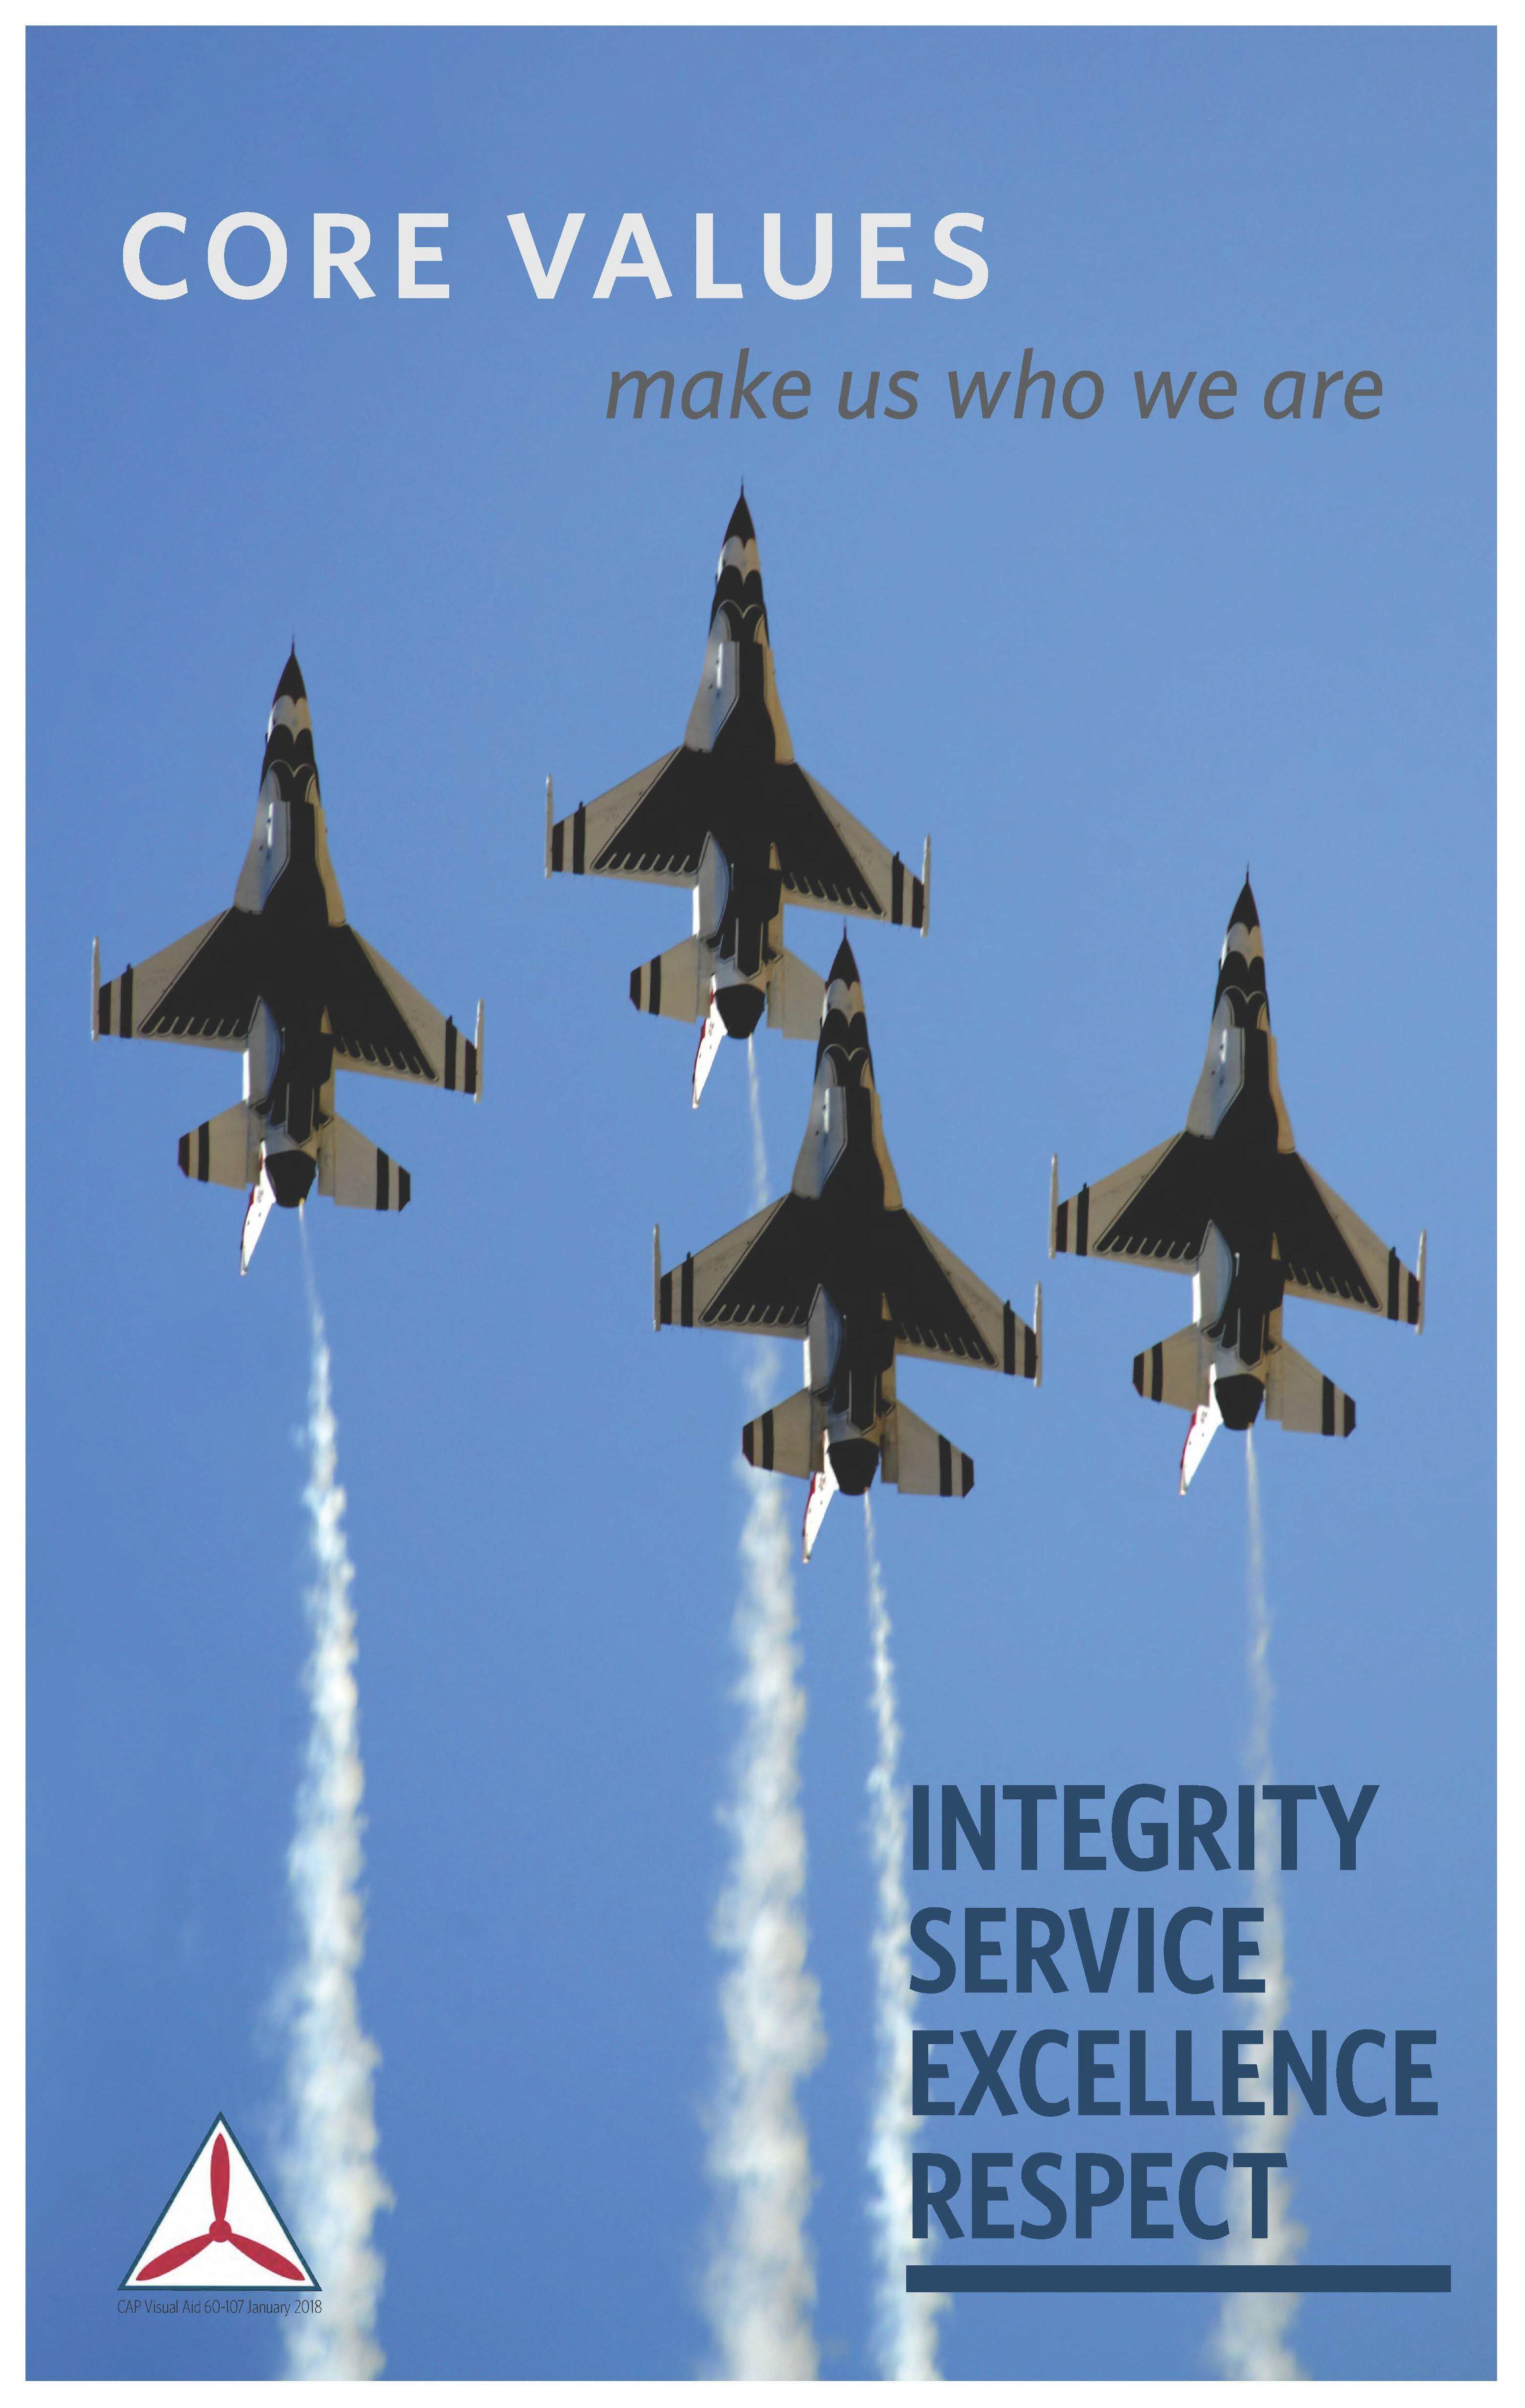 Civil Air Patrol Core Values Civil air patrol, Air, Core